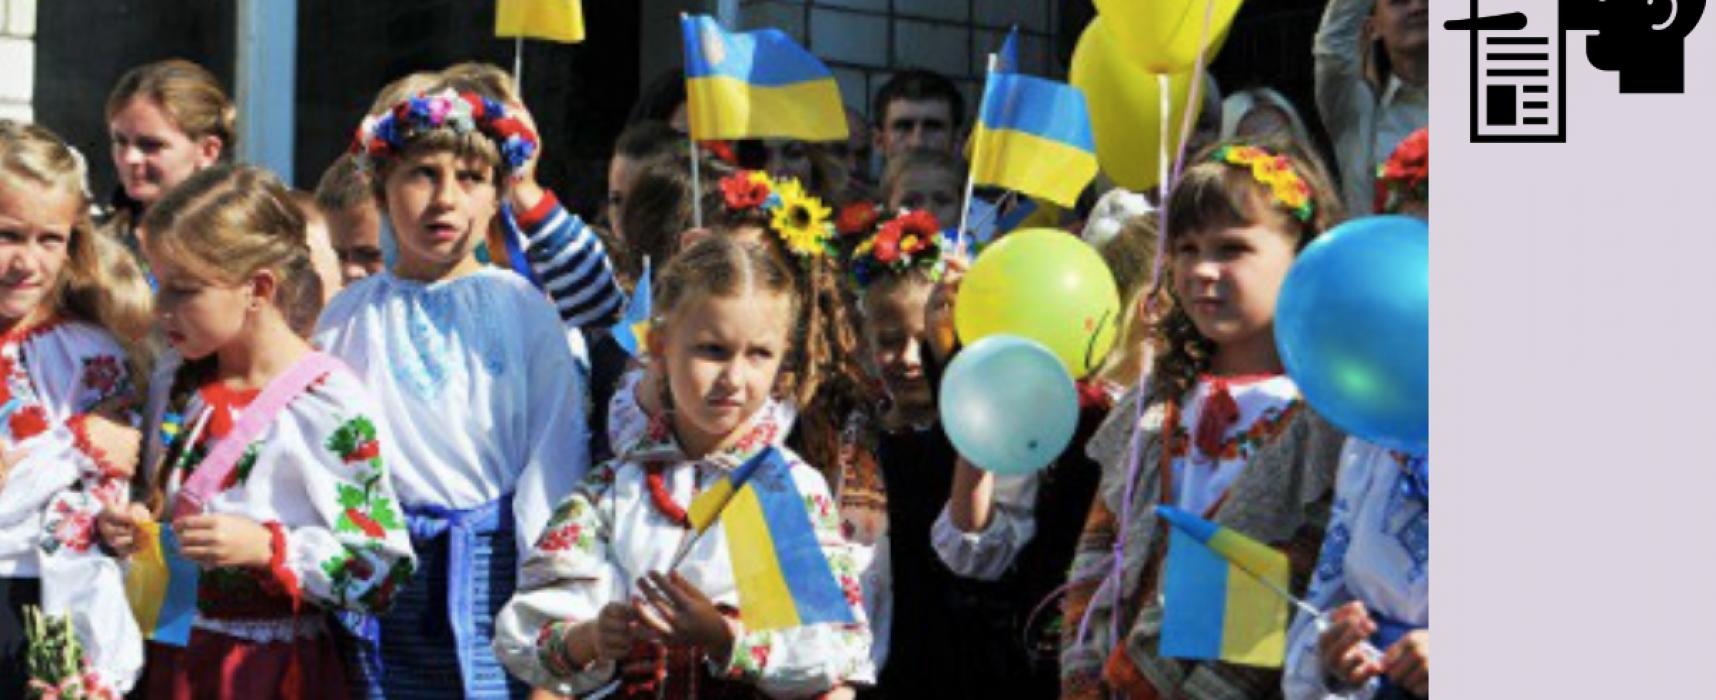 Falso: El gobierno ucraniano intenta cancelar la formación escolar